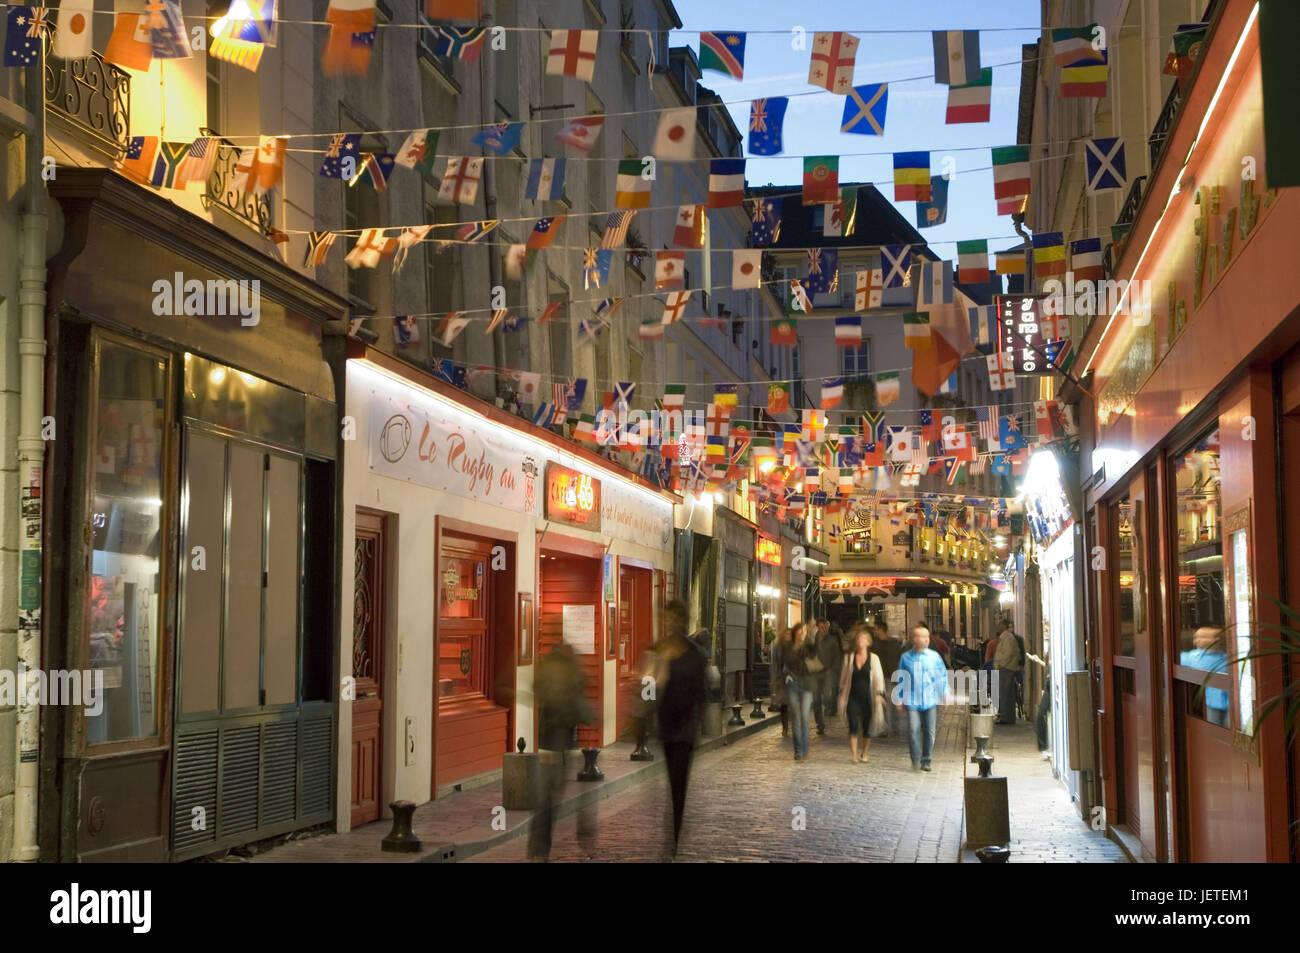 France, Paris, Rue de Laplander, decoration, pendant, pedestrian, blur, no model release, - Stock Image